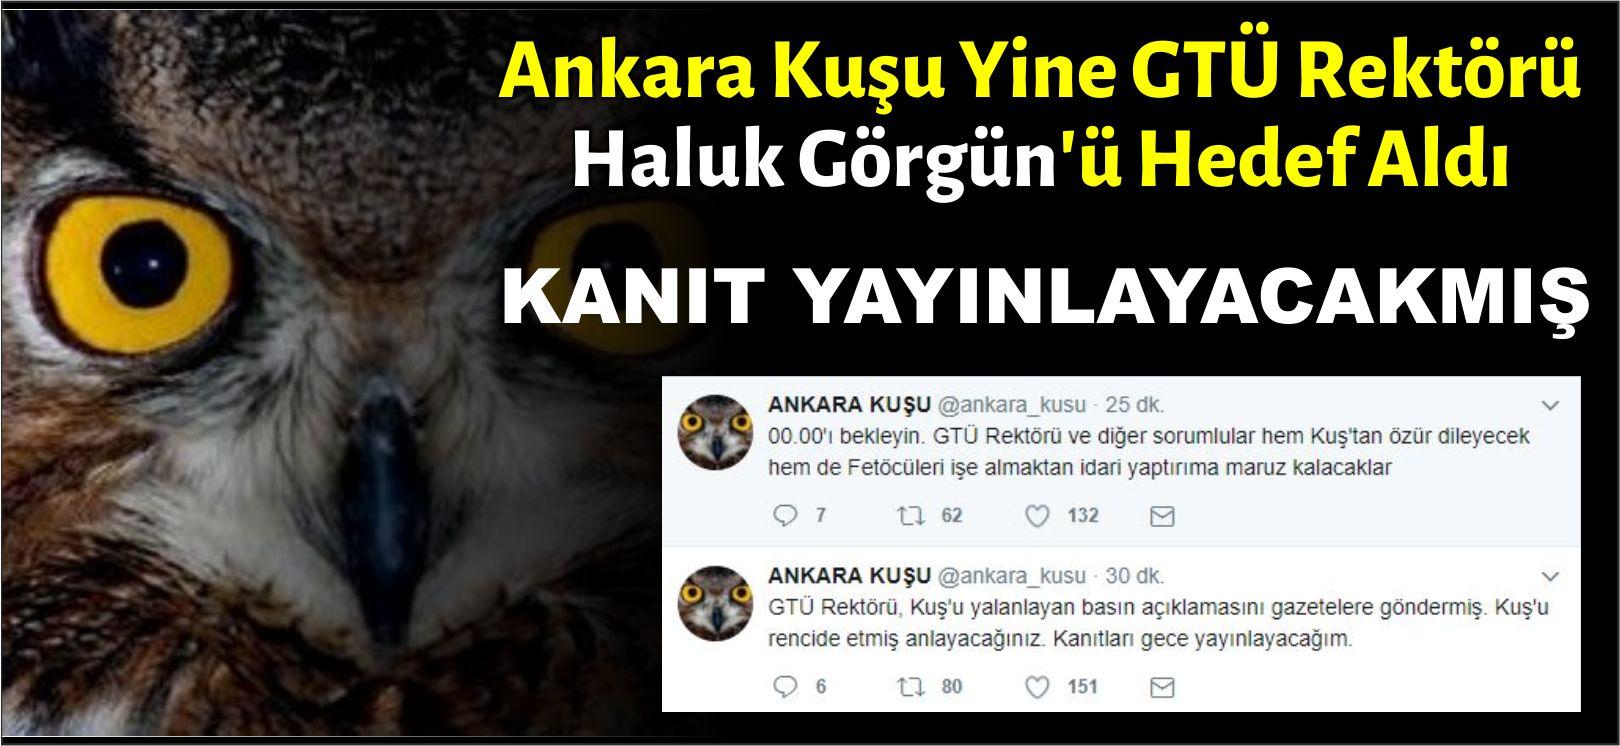 Ankara Kuşu Yine Rektör Görgün'ü Hedef Aldı